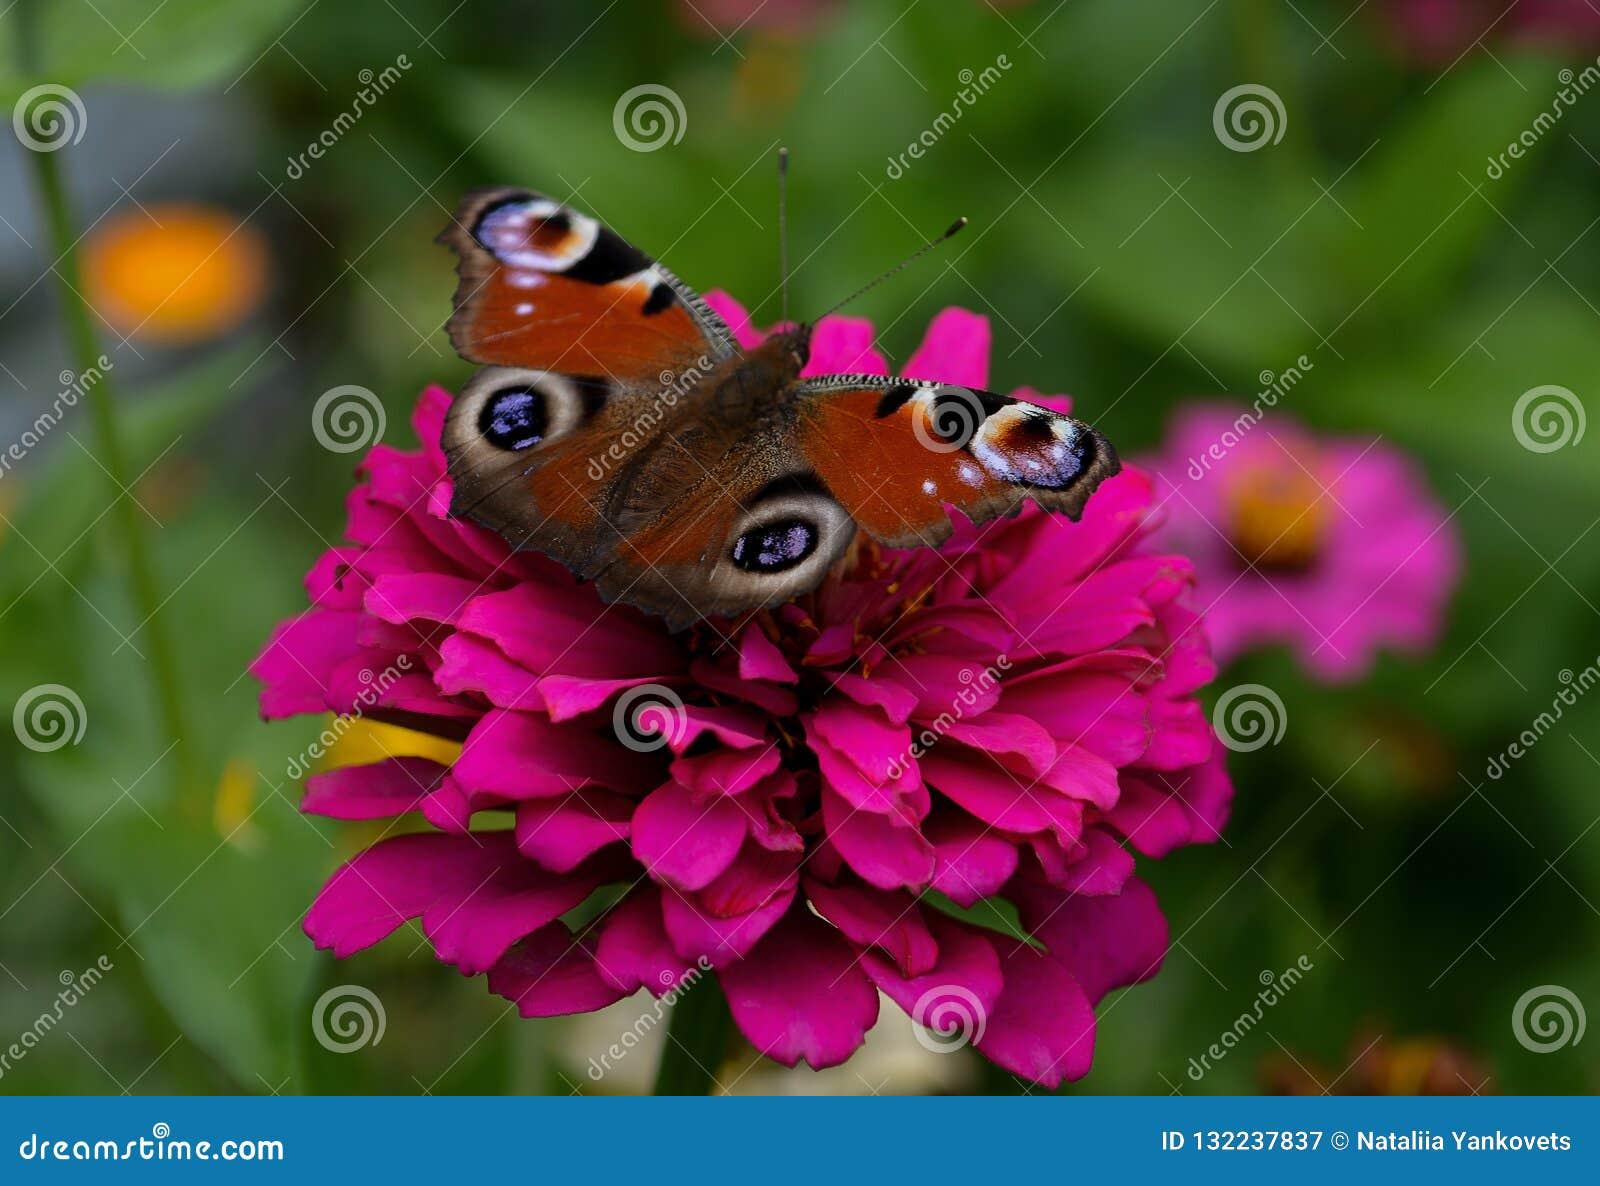 Een vlinder met een mooie heldere kleur zit op een roze bloem tegen een gekleurde achtergrond van een tuin